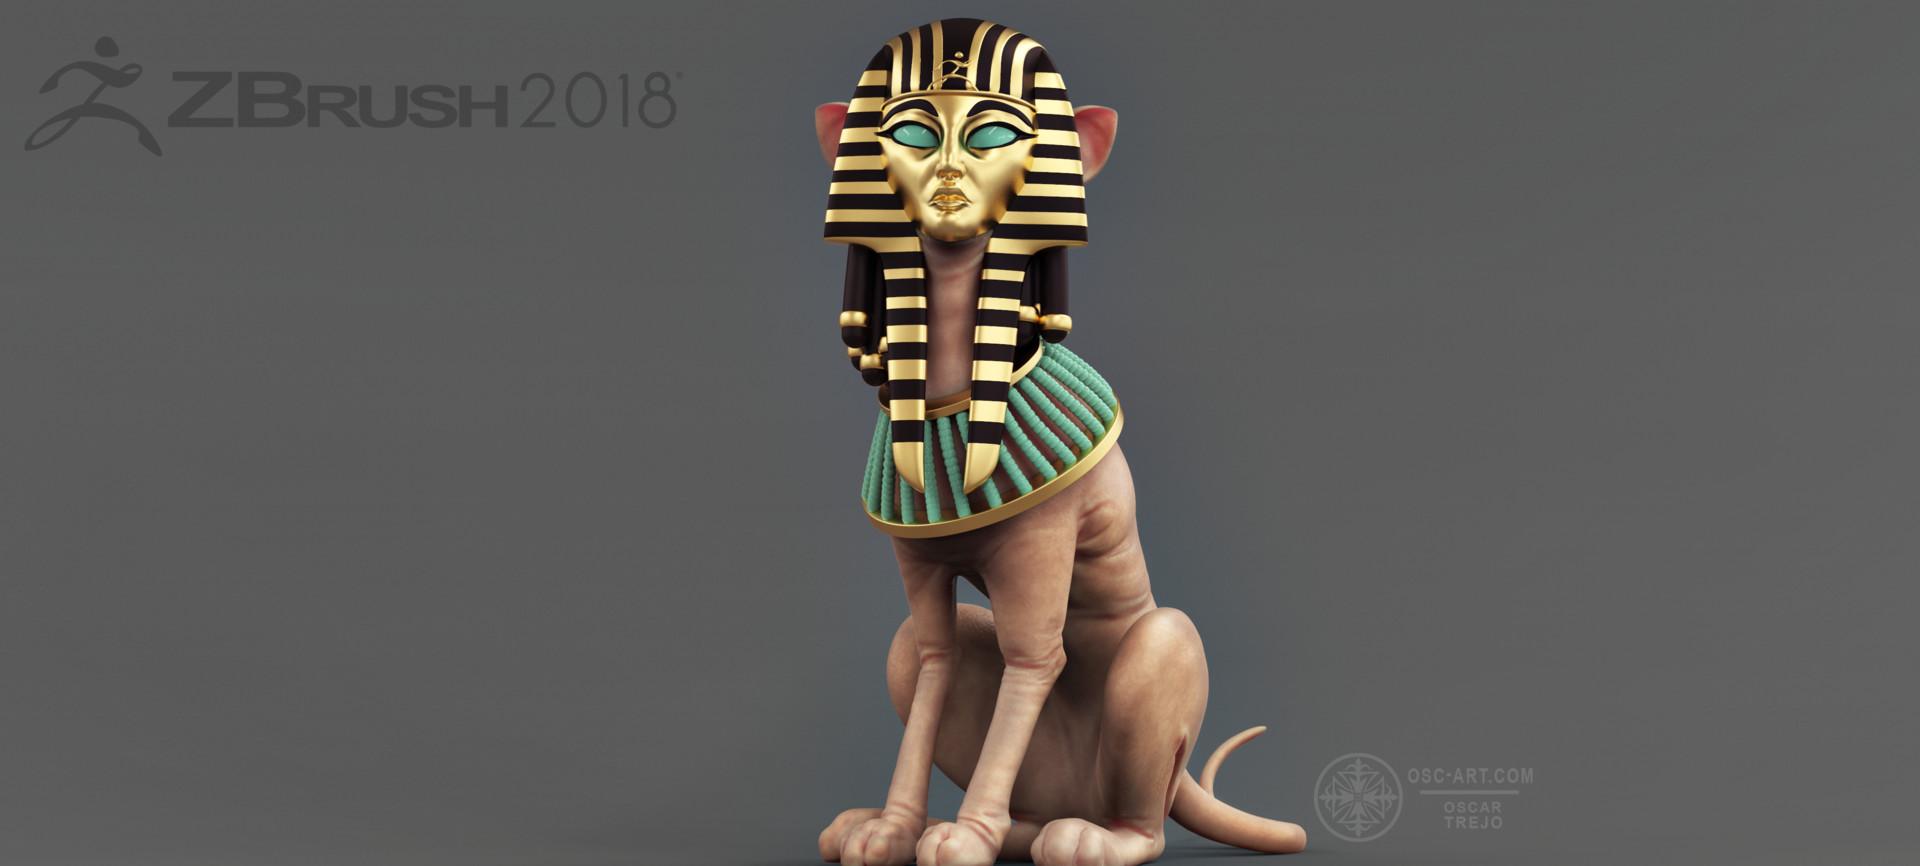 Oscar trejo sphinx1